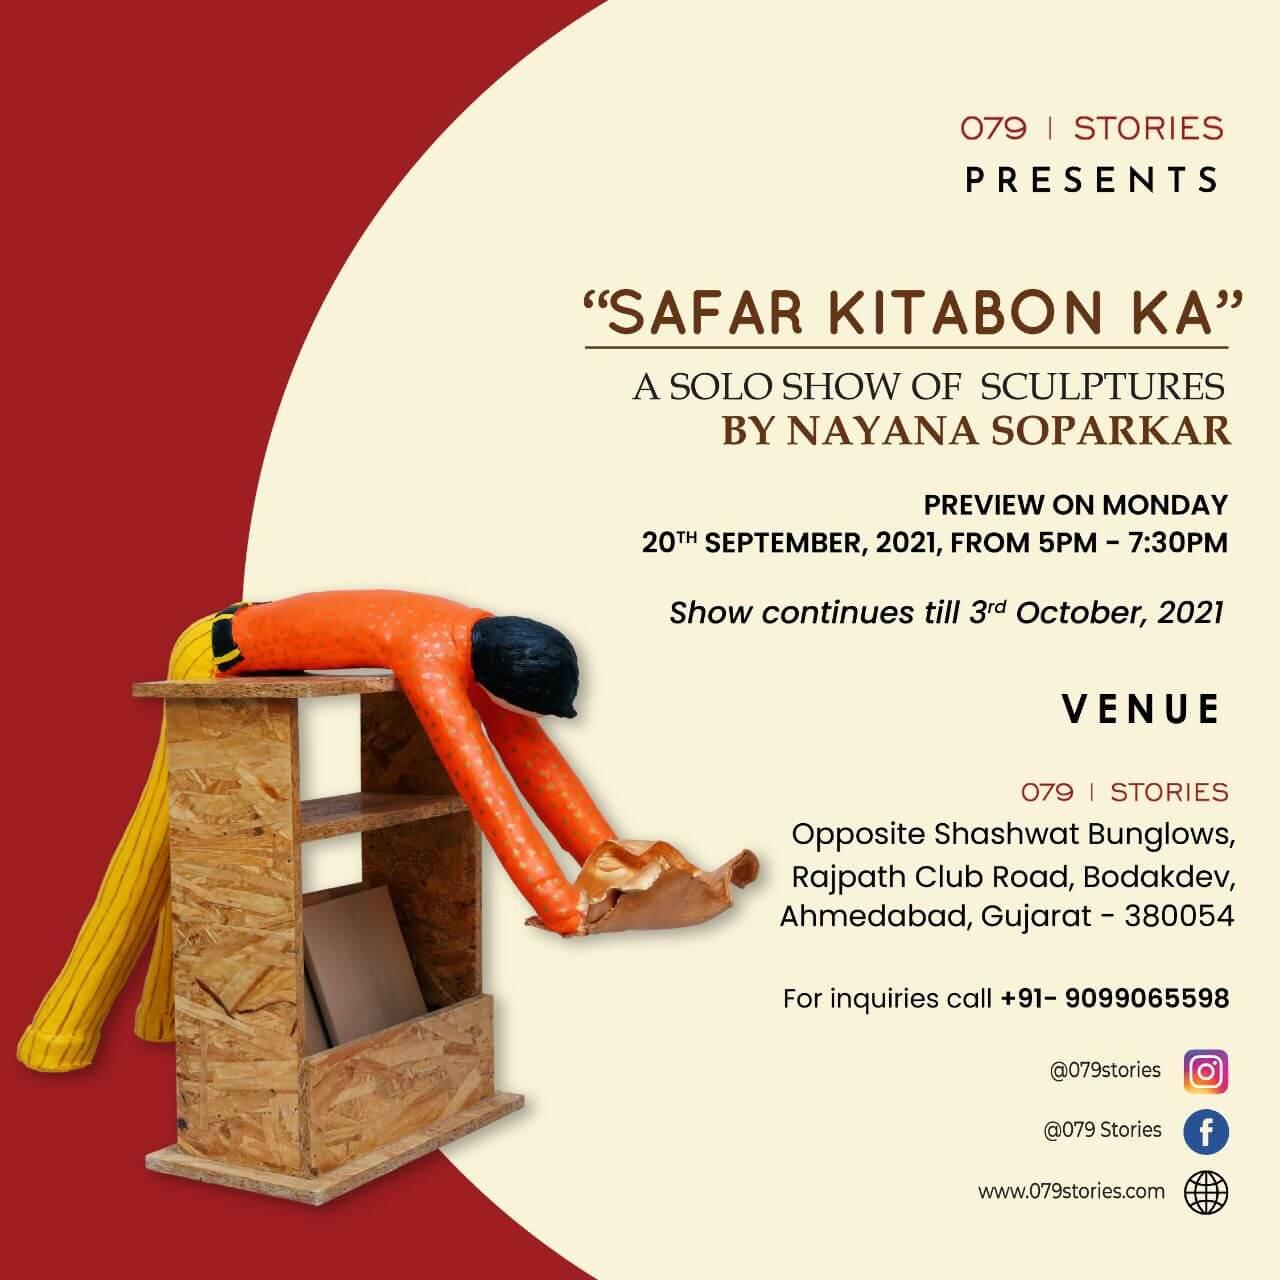 Safar Kitabon Ka - A solo show of sculptures by Nayana Soparkar